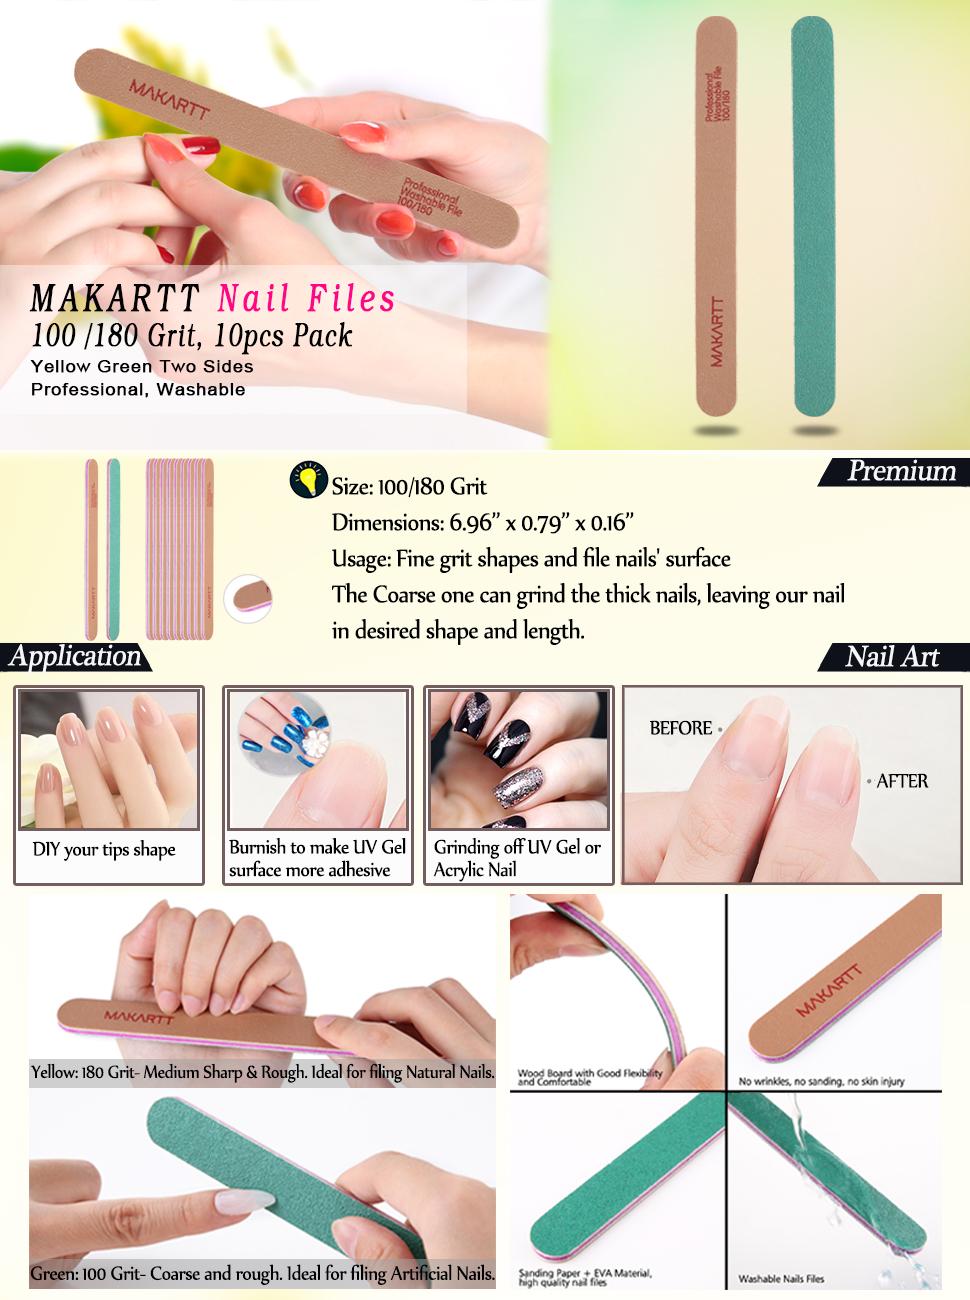 Amazon.com : MAKARTT Professional Nail File 100 180 Grit Yellow ...